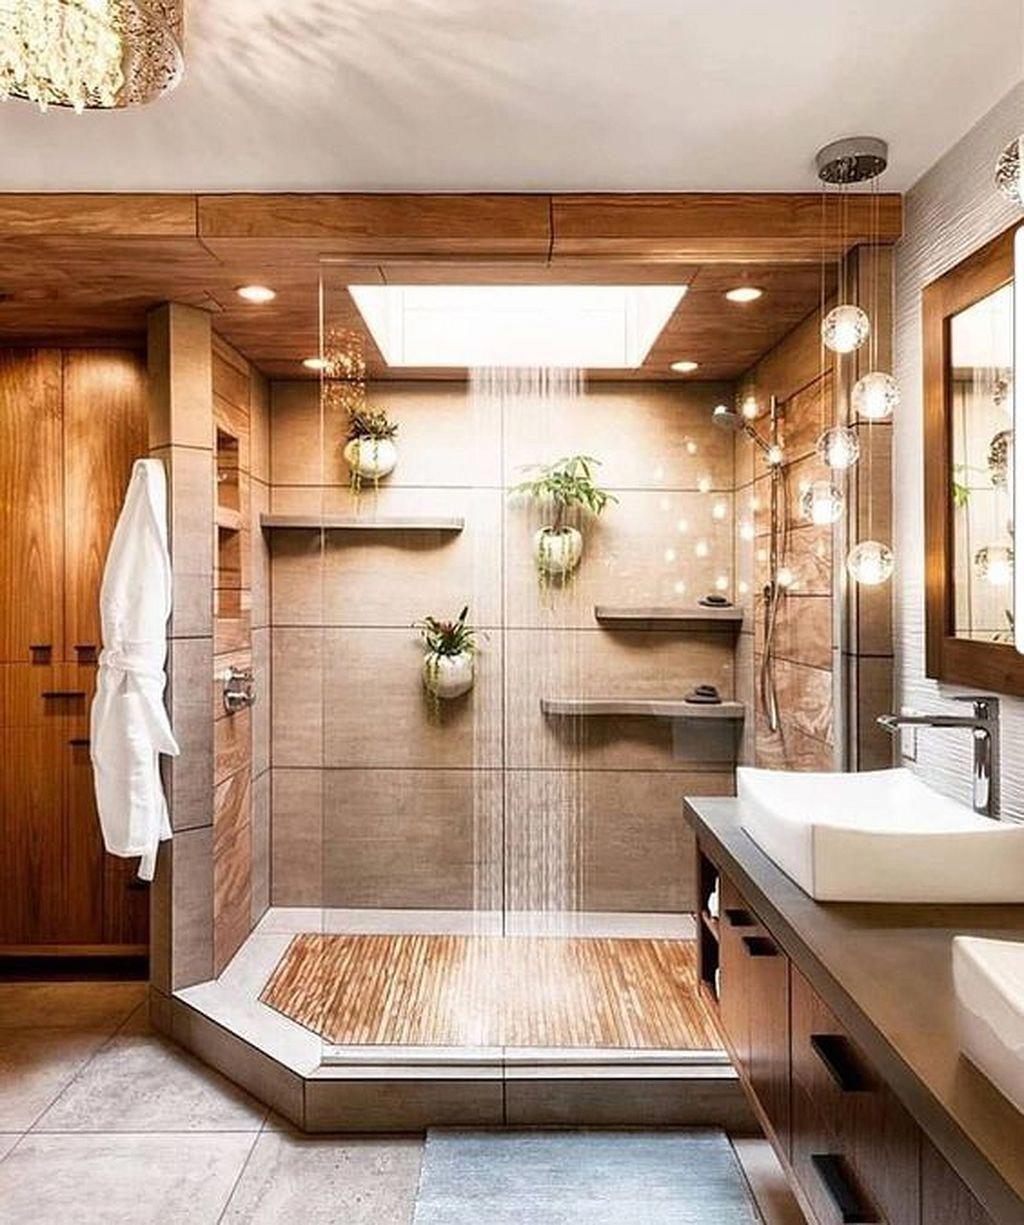 Pin Von Madeline Spanka Auf Ideen Rund Ums Haus Dusche Umgestalten Bad Inspiration Badezimmer Renovieren